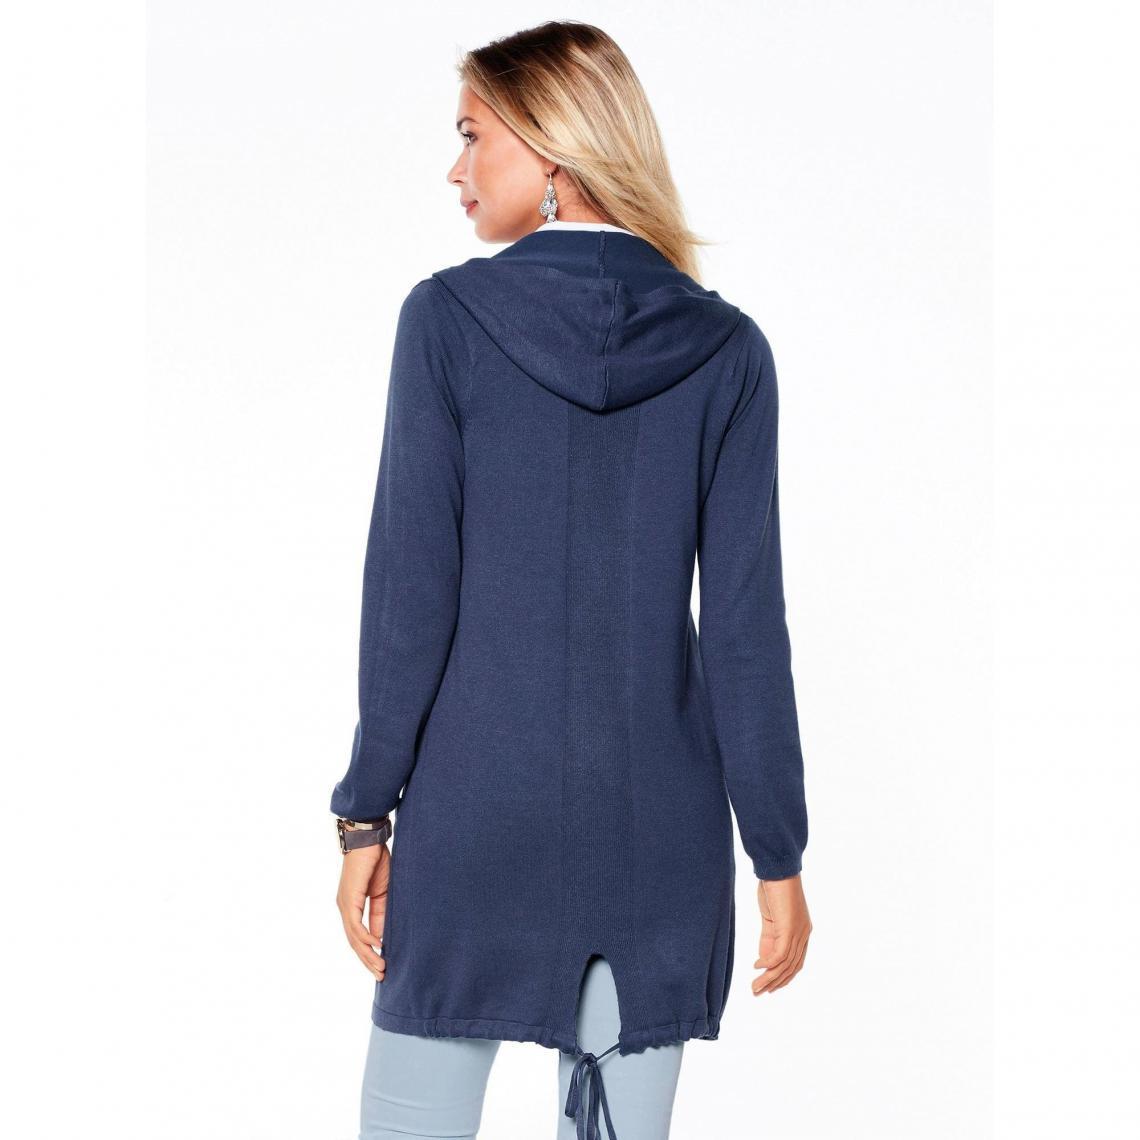 Gilet à capuche et cordon sur bas du dos femme - Bleu Nuit Ha6ka